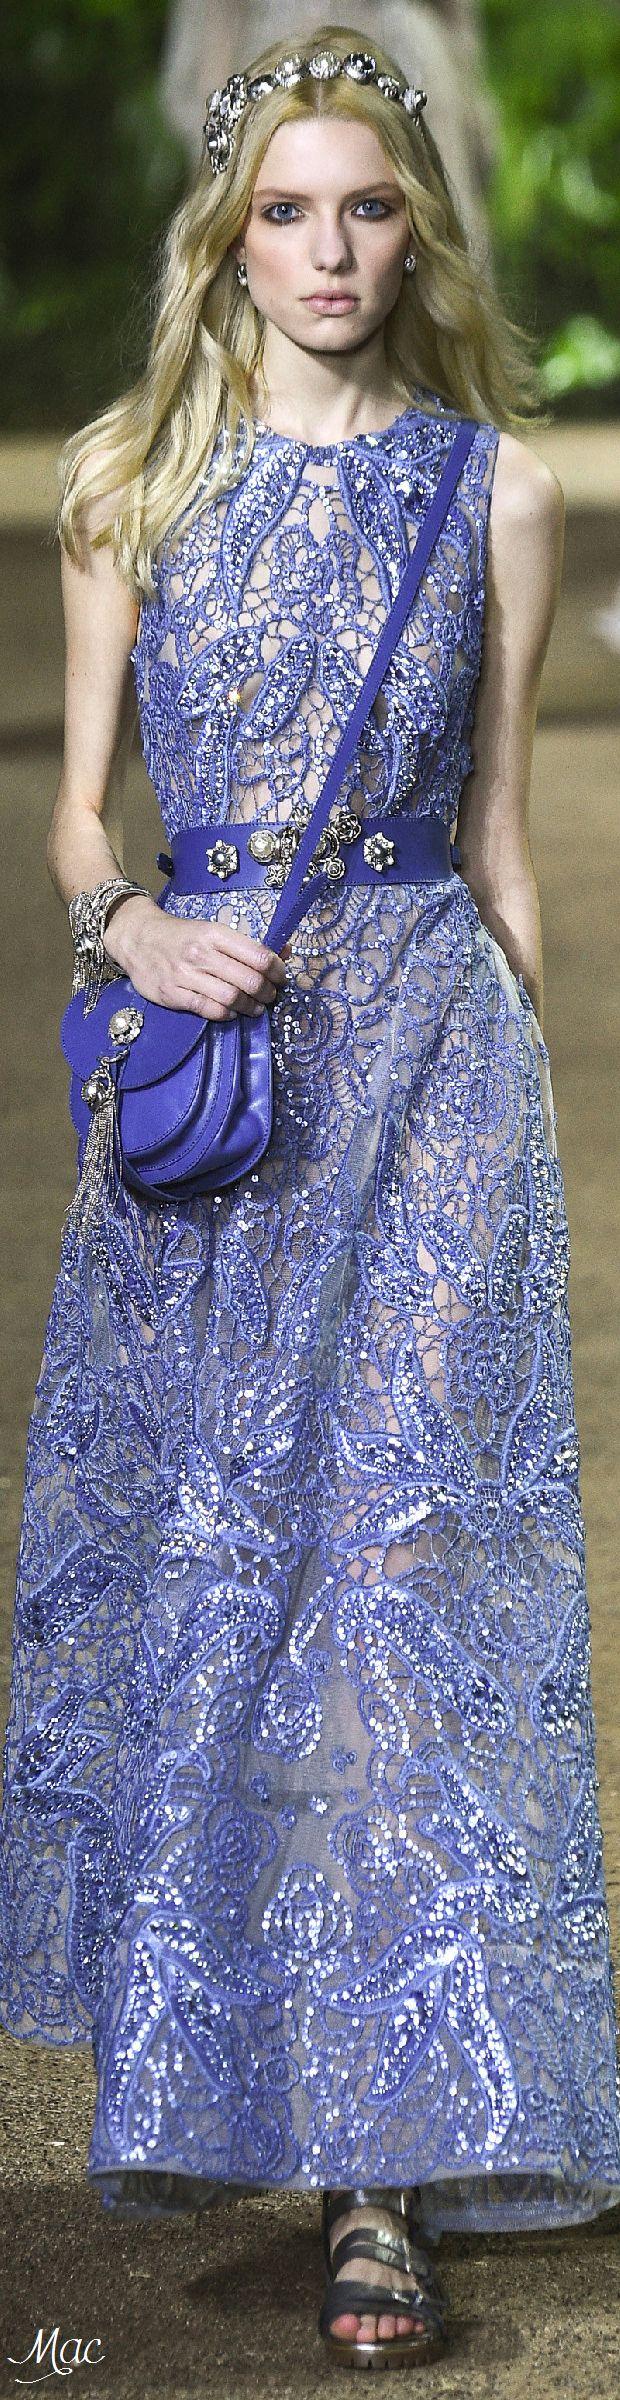 Gente, Elie Saab é um mago. Olha a riqueza de detalhes e a textura desse vestido! Bordados, pedras, suavidade... Muito romantismo!